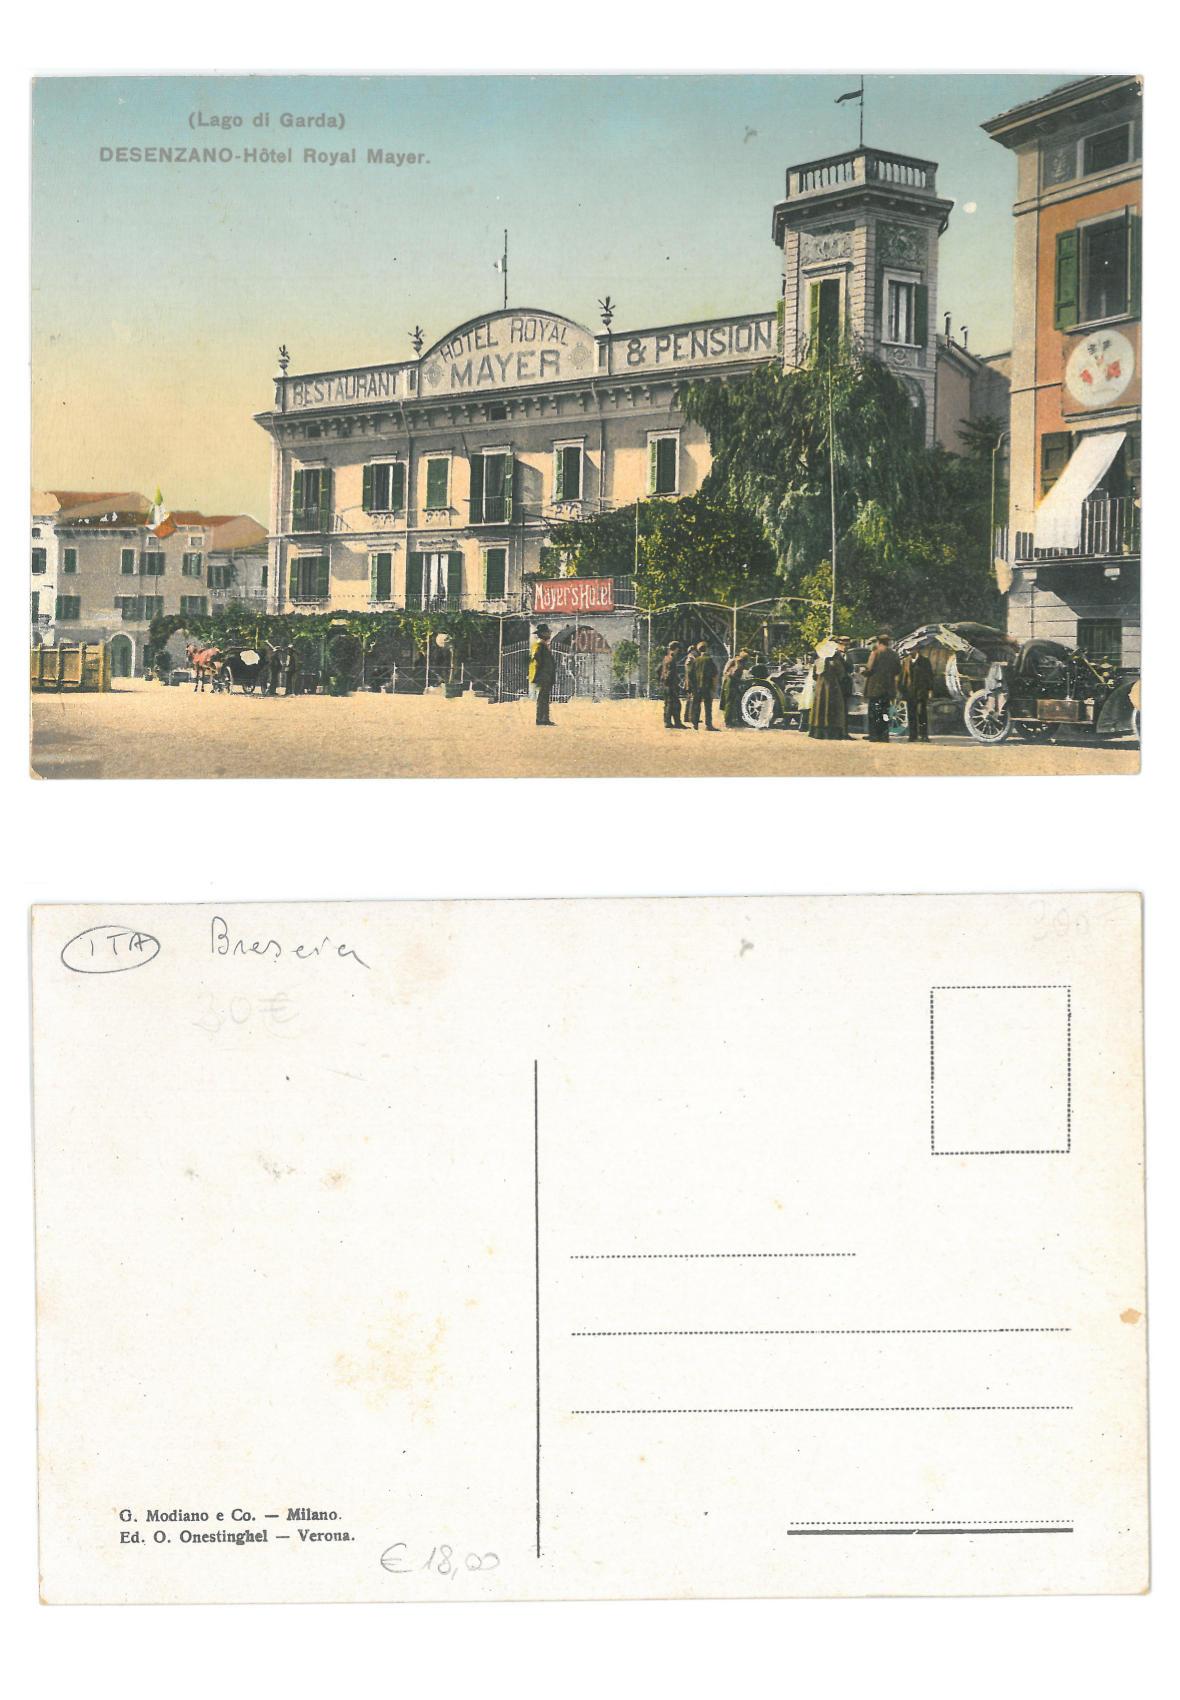 Desenzano - Hotel Royal Mayer